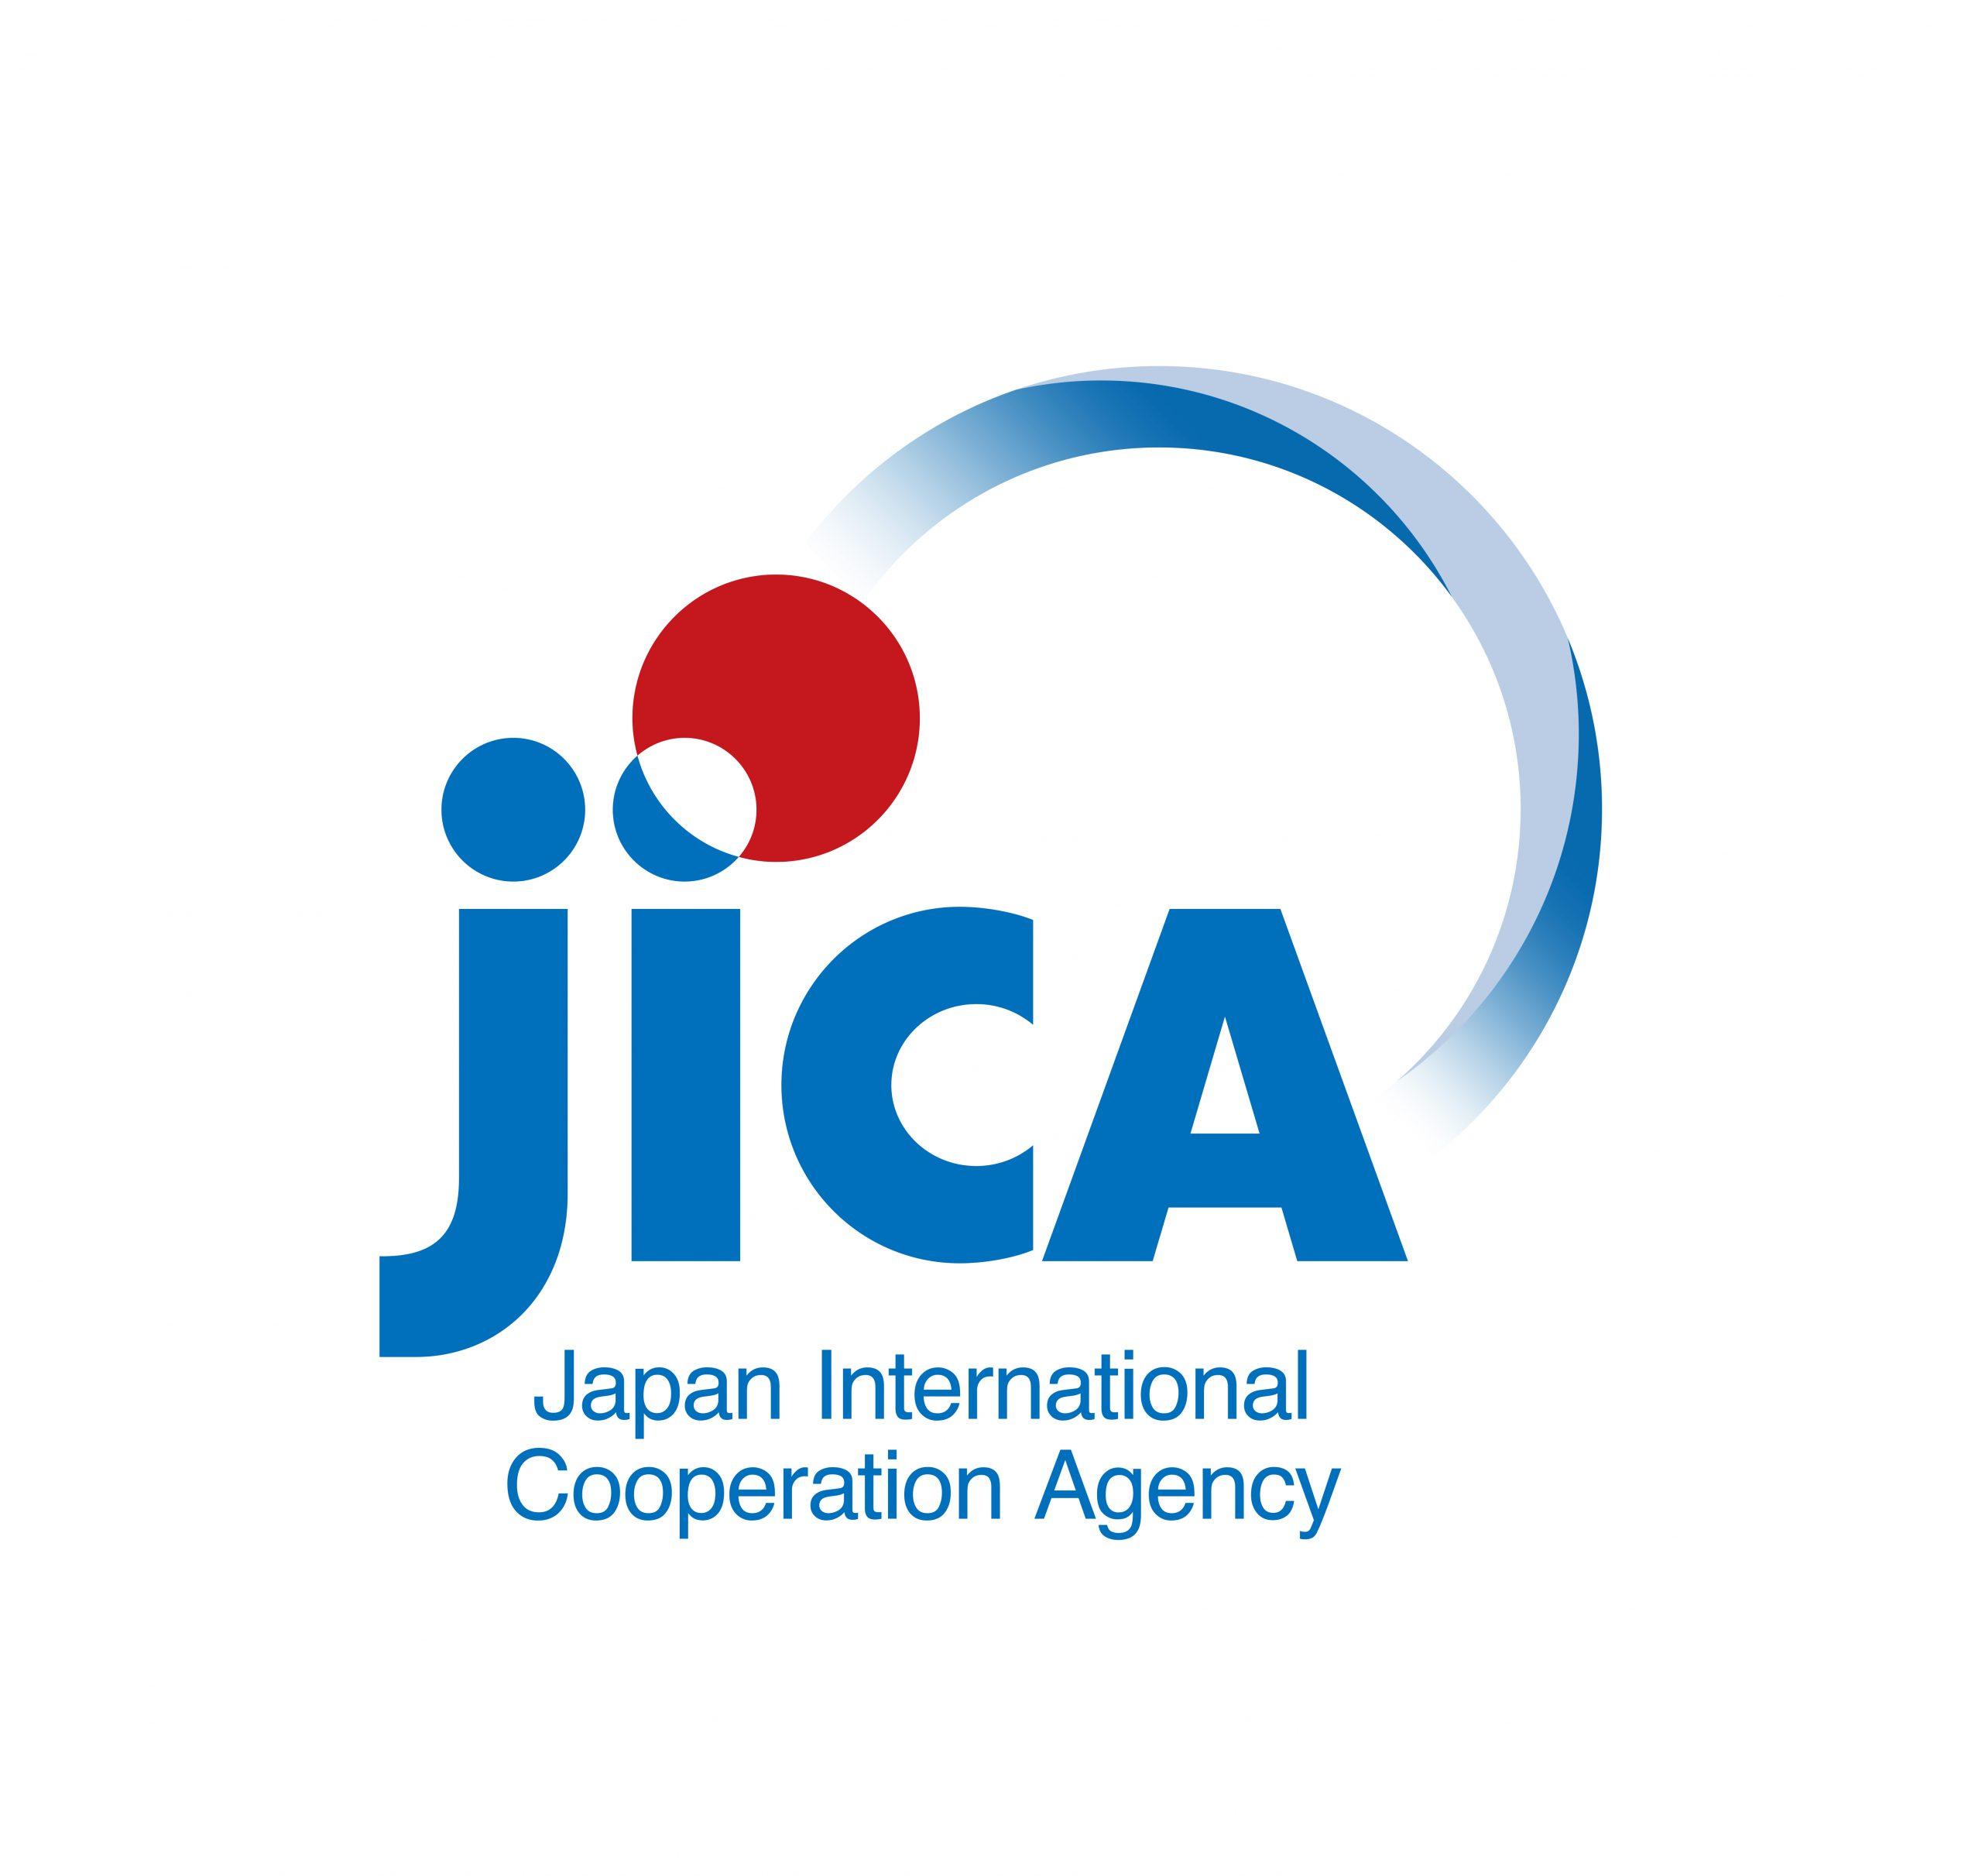 独立行政法人国際協力機構 (JICA)